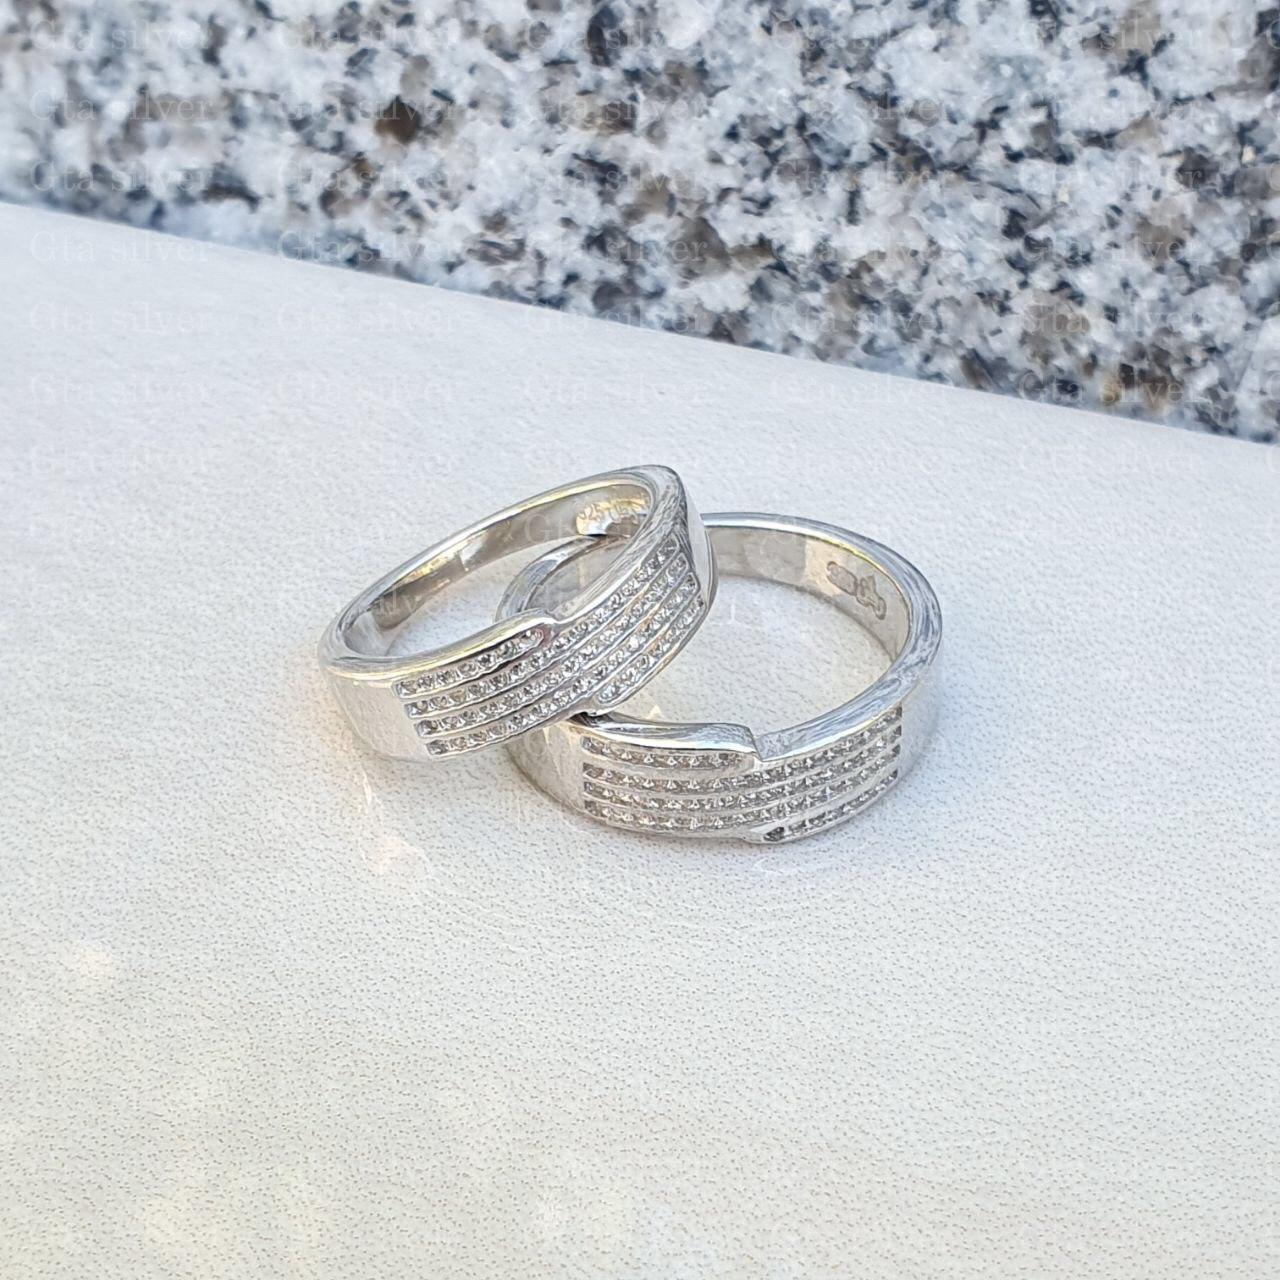 ست حلقه ازدواج وزن 9 گرم مدل 22